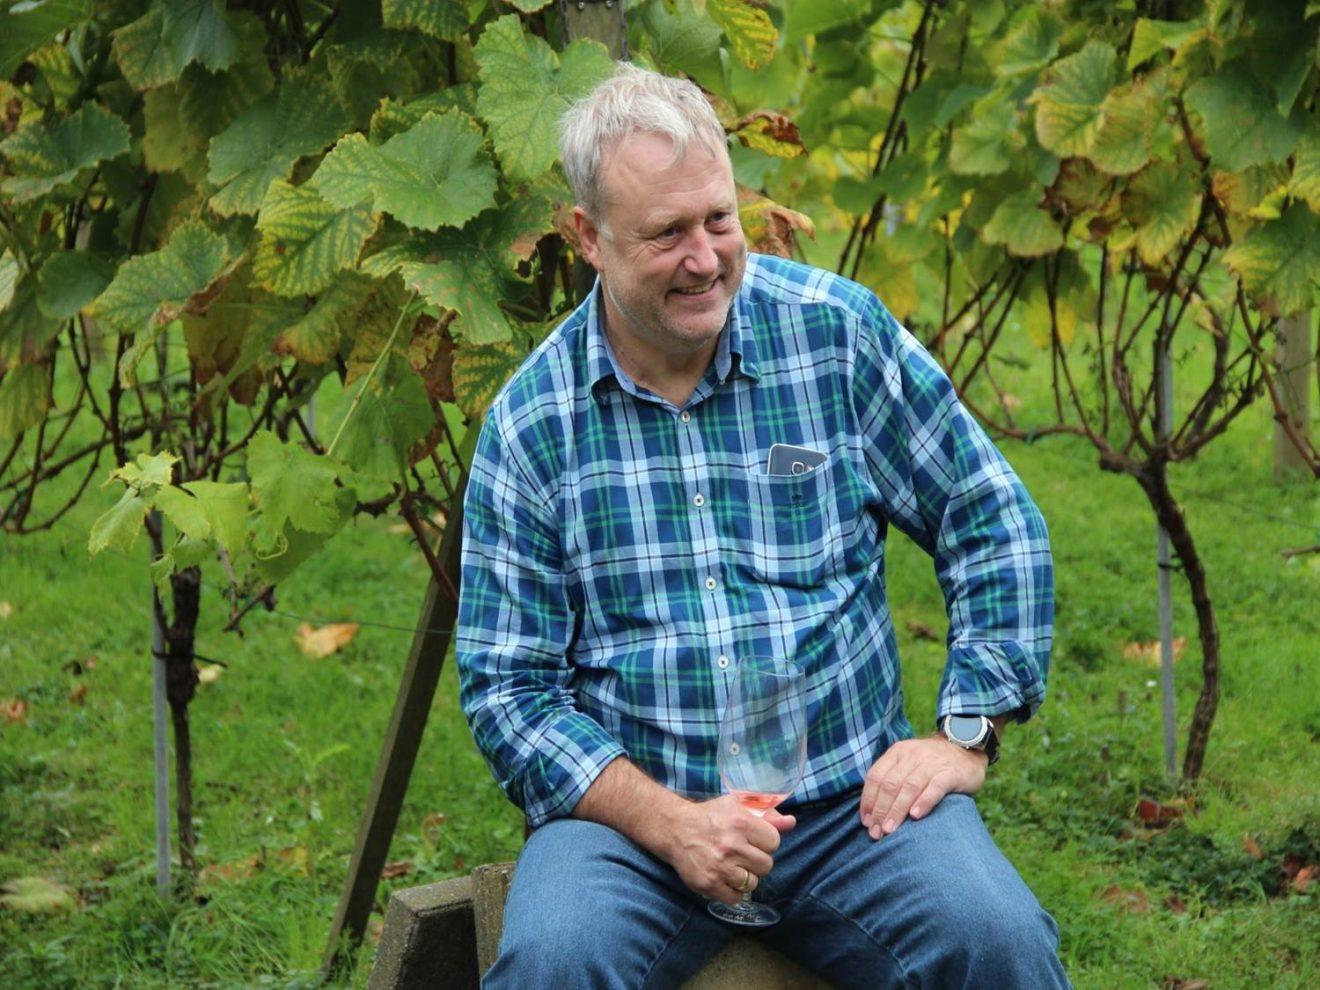 Spis med en lokal vinbonde fra Orebo Vinlaug